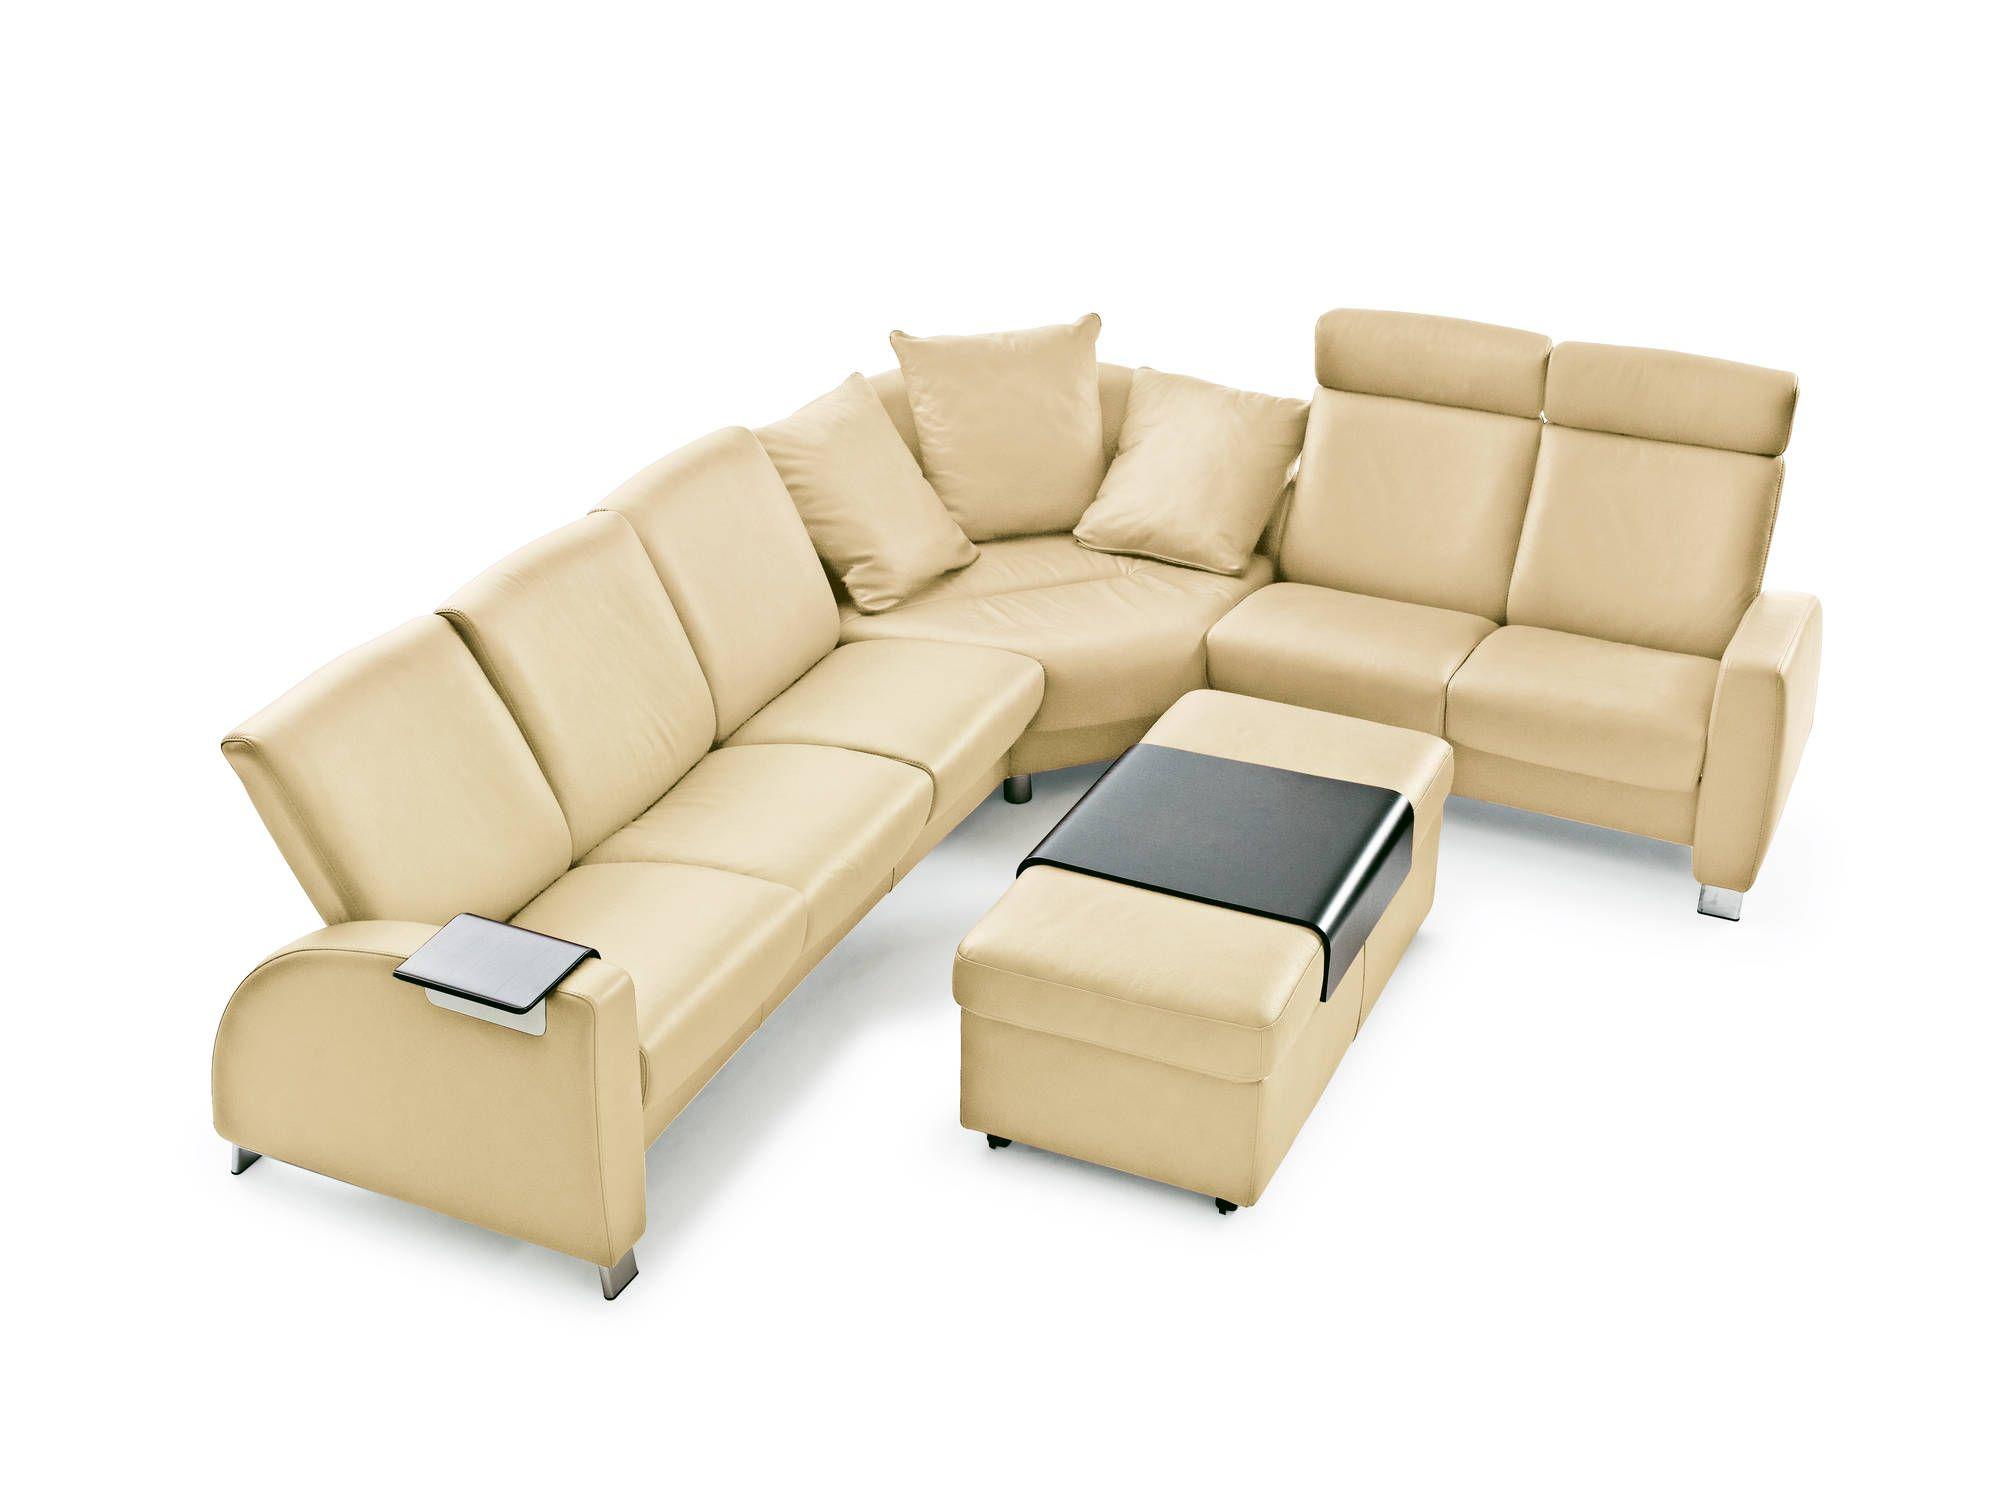 Full Size of Stressless Sofa 14 Konfigurator Luxus Freistil Big Mit Schlaffunktion Ausziehbar Auf Raten Bora 2 Sitzer Tom Tailor 2er Grau Englisch Led Hannover Schillig 3 1 Sofa Stressless Sofa